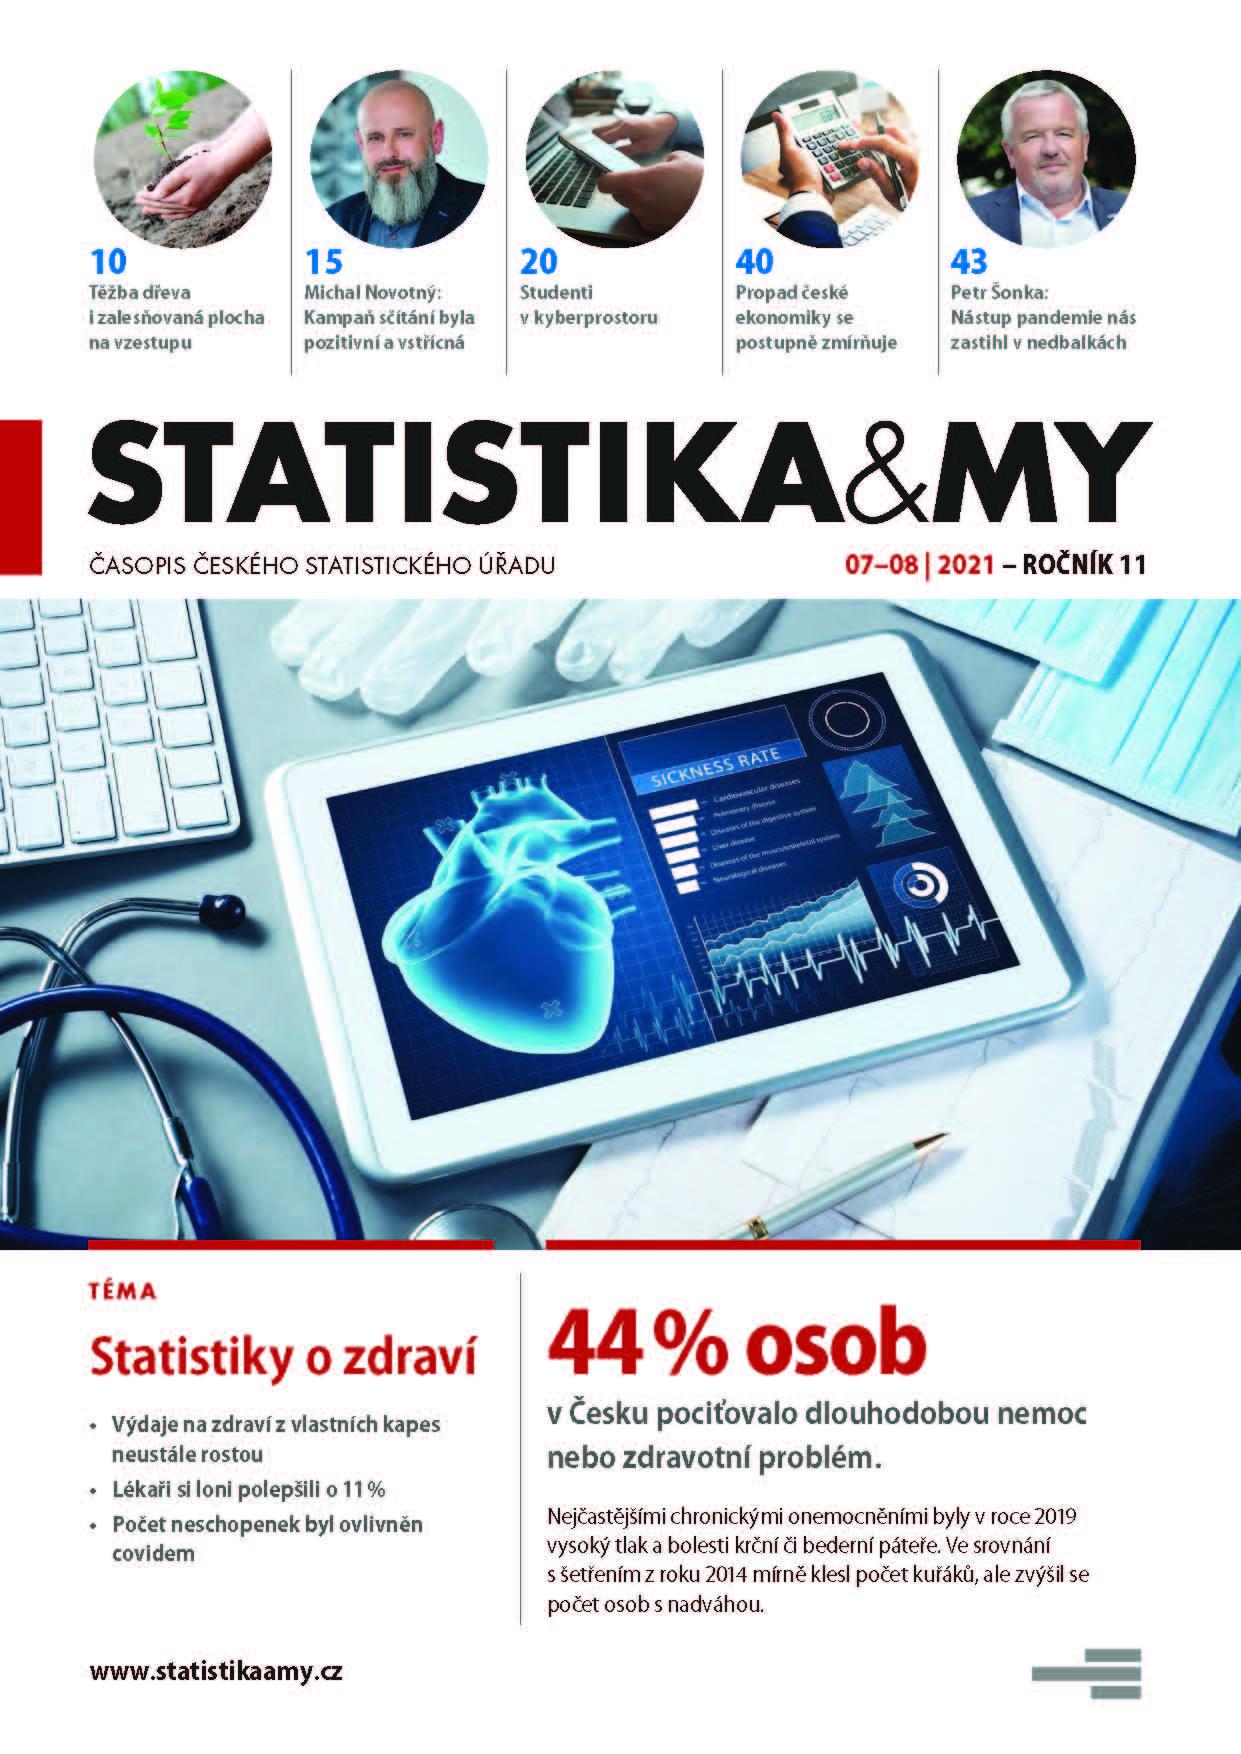 titulní strana časopisu Statistika&My 07-08/2021